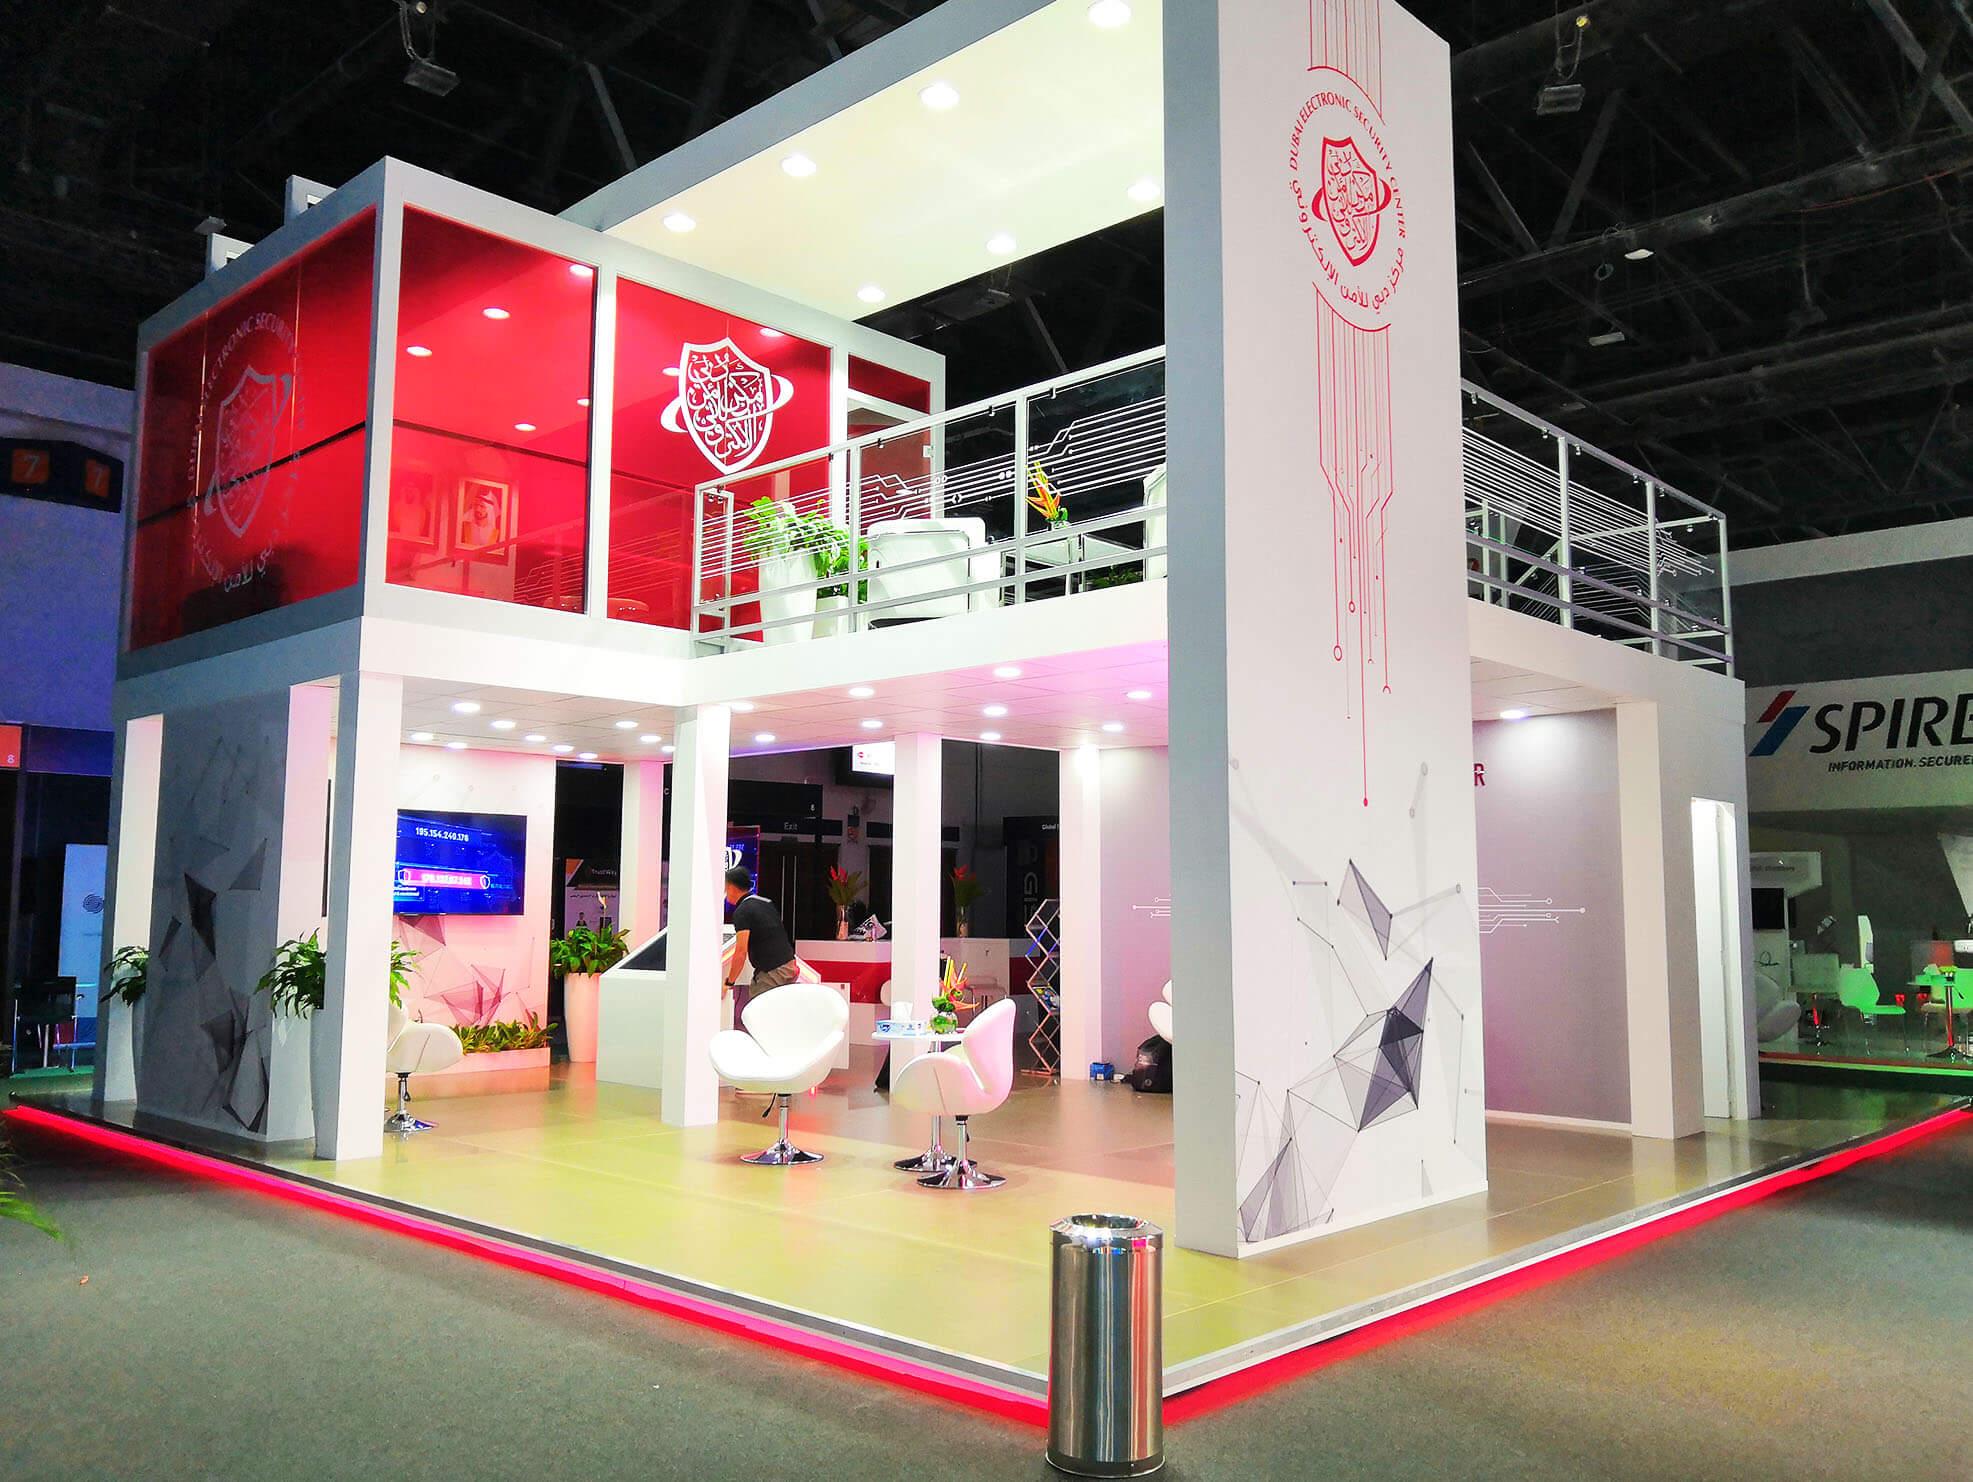 Dubai Electronic Security Center trade show photo booth design